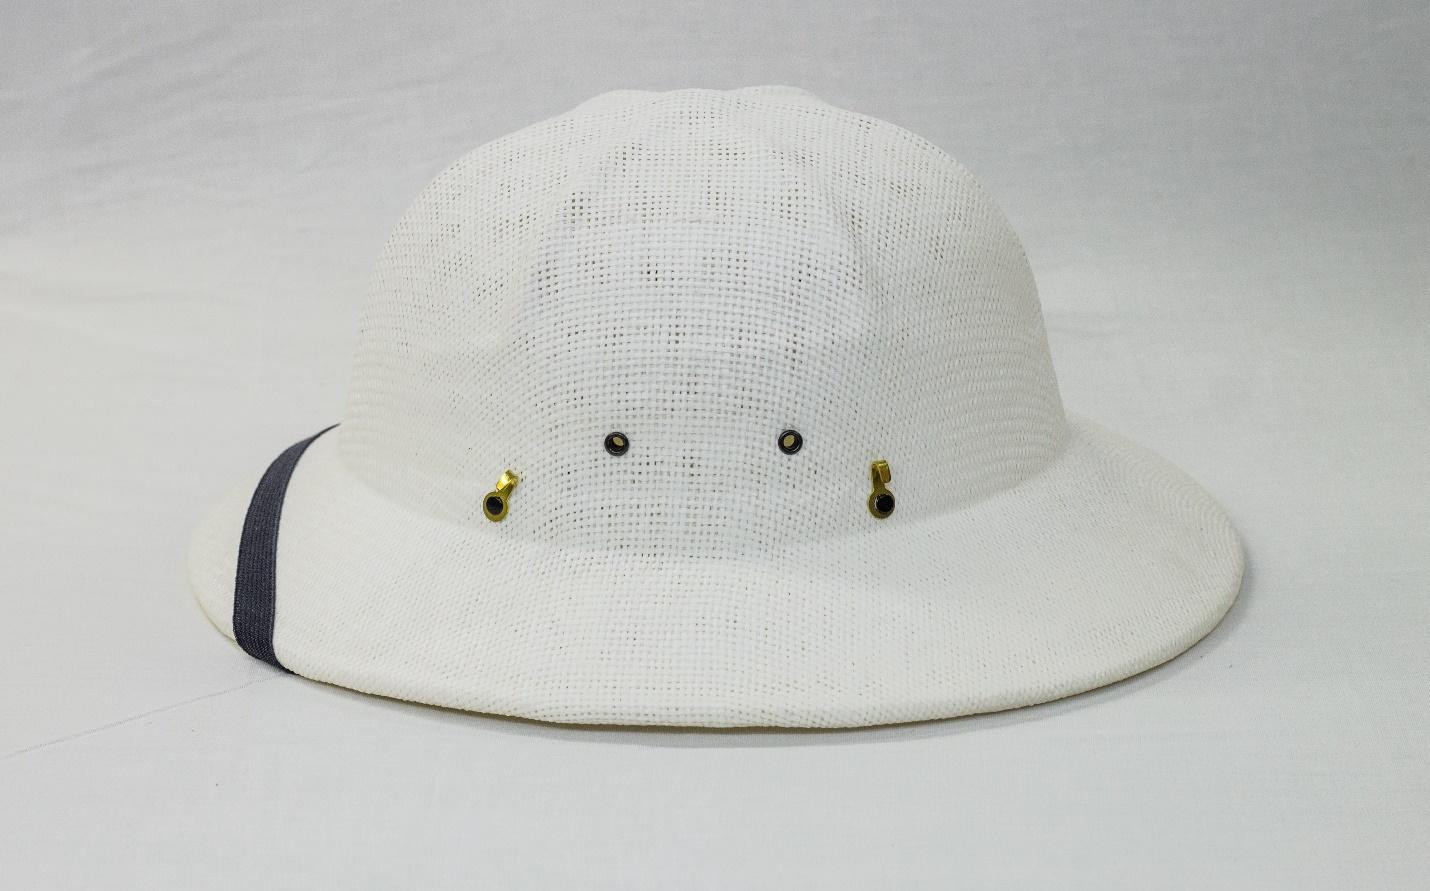 Mesh Helmet